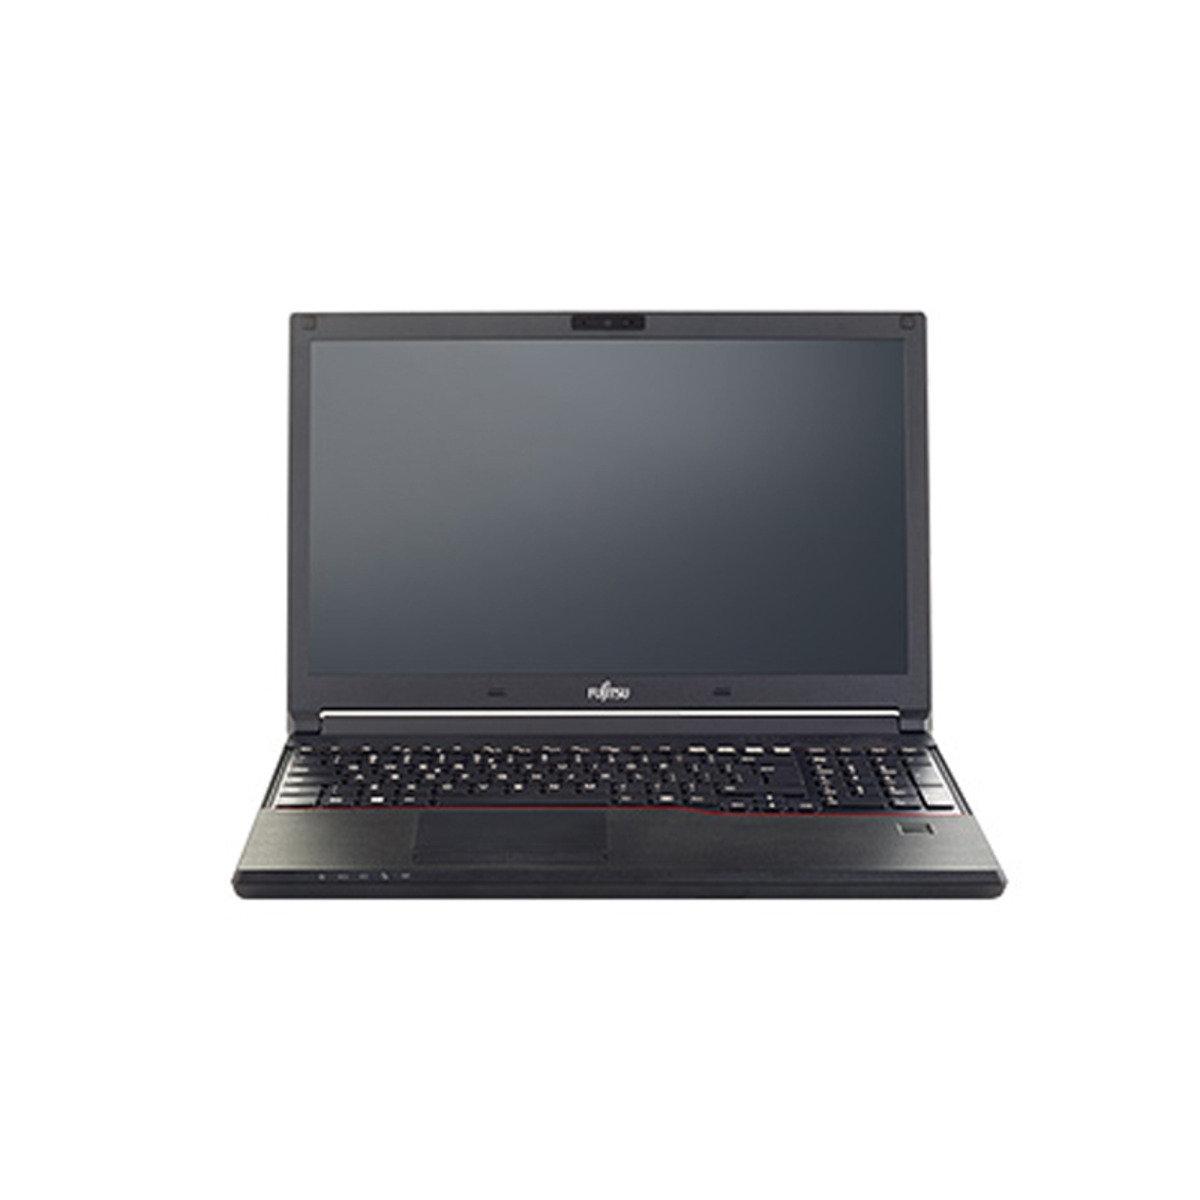 Fujitsu Lifebook UH554M45B Core i7/8GB/256G SSD